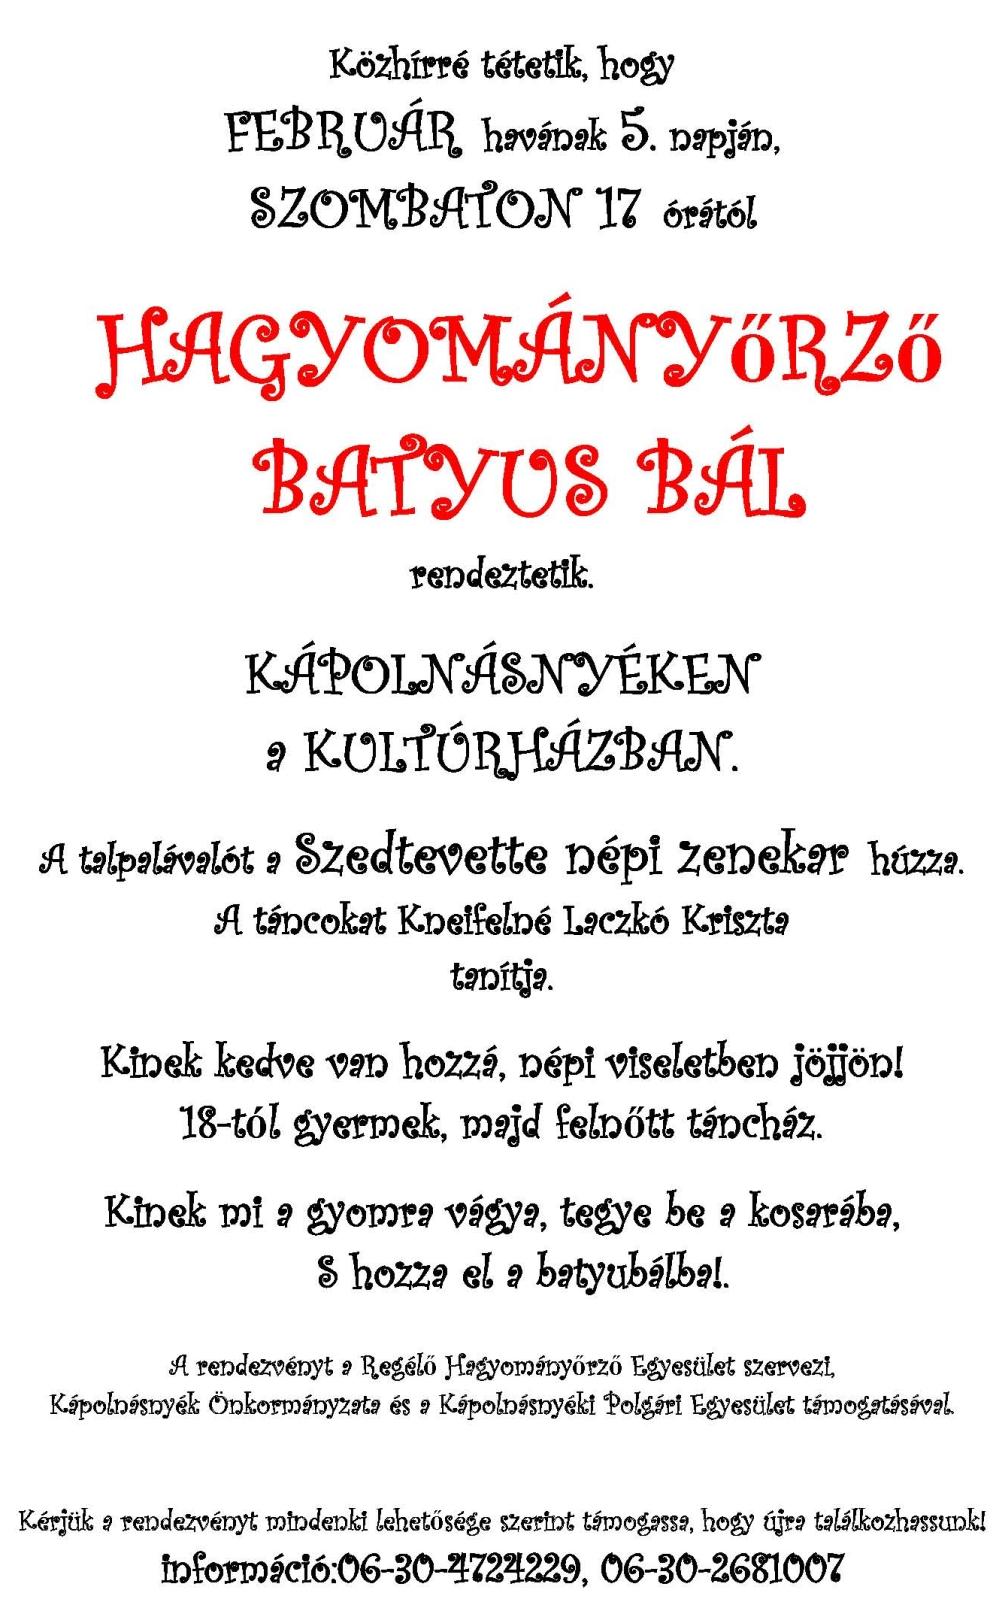 Batyus Bál Kápolnásnyéken - 2011. február 5.